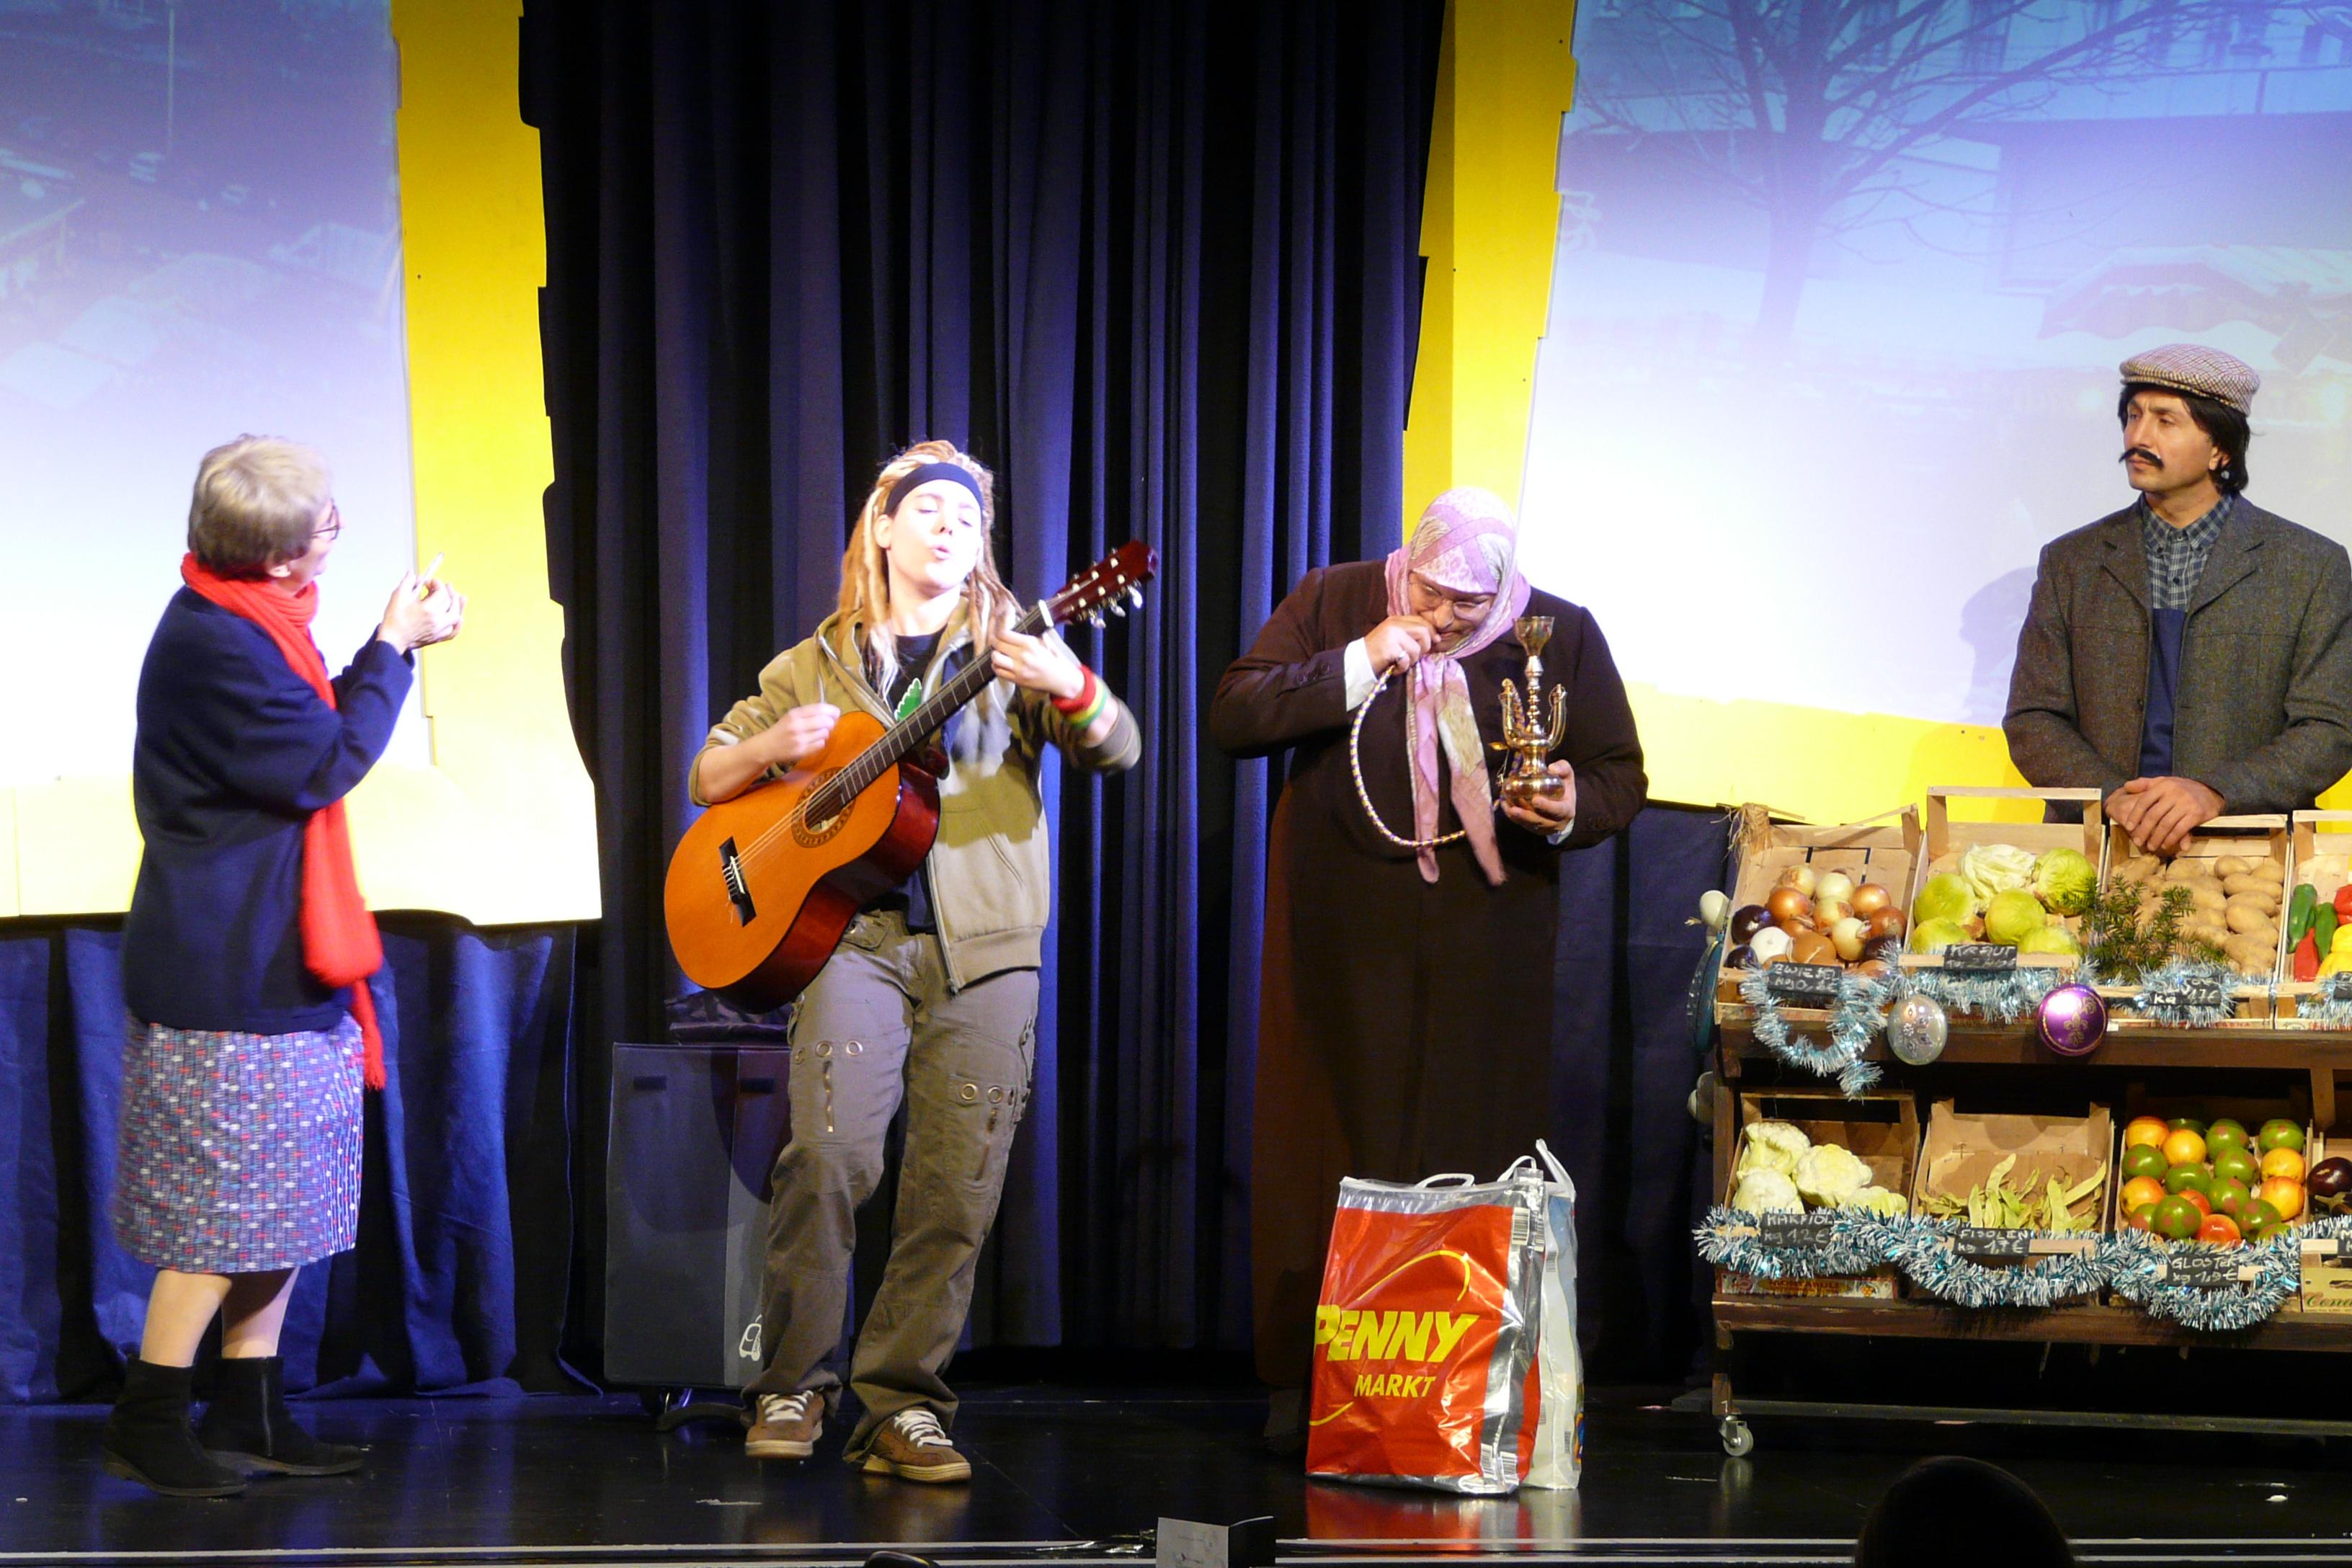 Hippie Song am Hannovermarkt